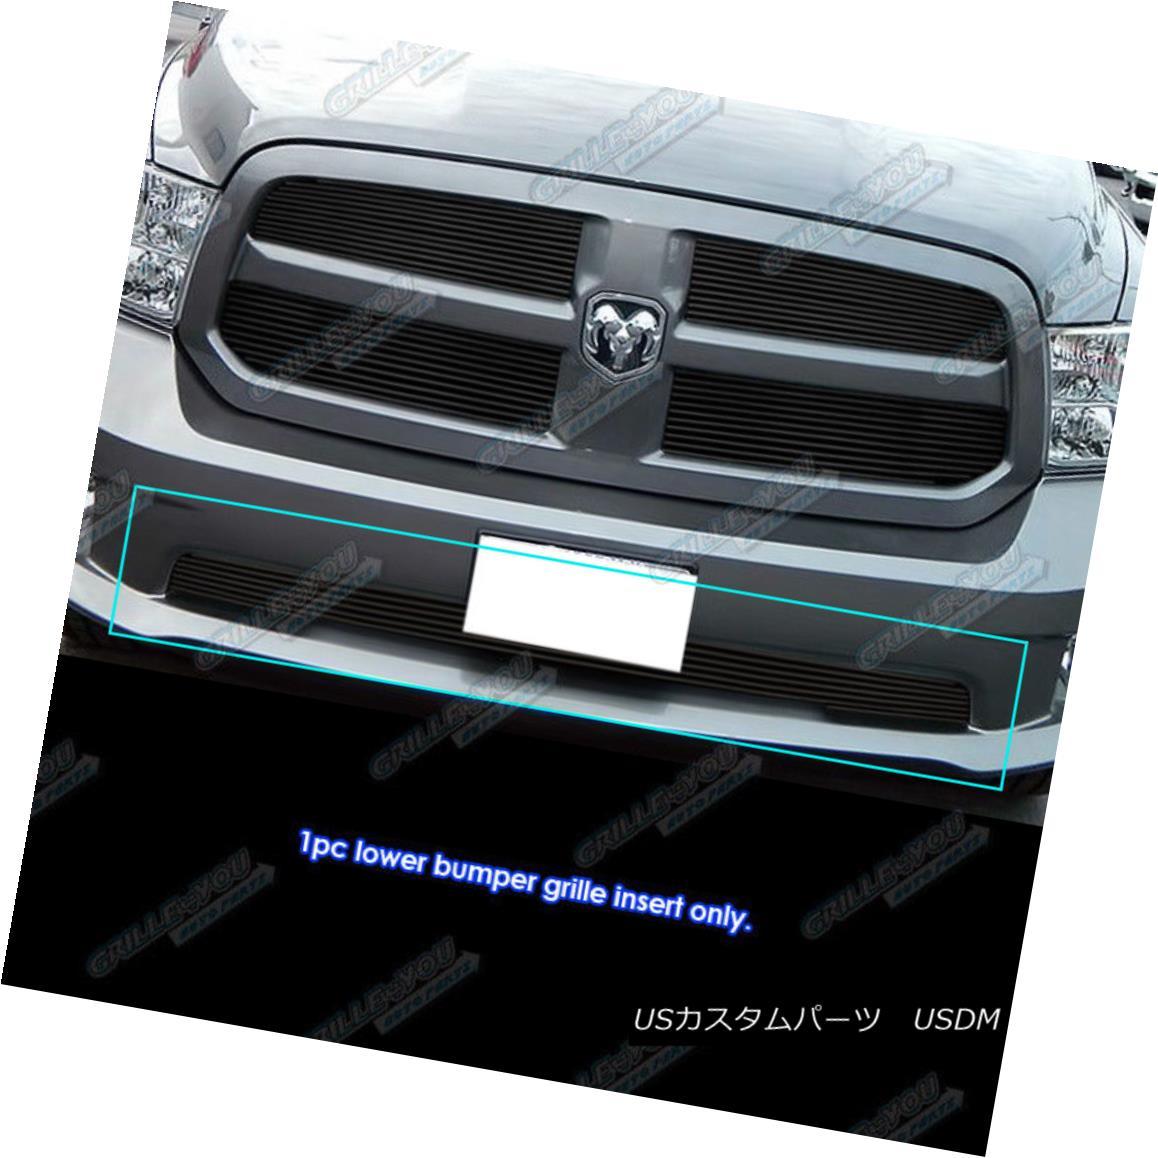 グリル For 2012-2018 Ram 1500 Express and Sport Model Black Bumper Billet Grille Insert 2012-2018ラム1500エクスプレス&スポーツモデルブラックバンパービレットグリルインサート